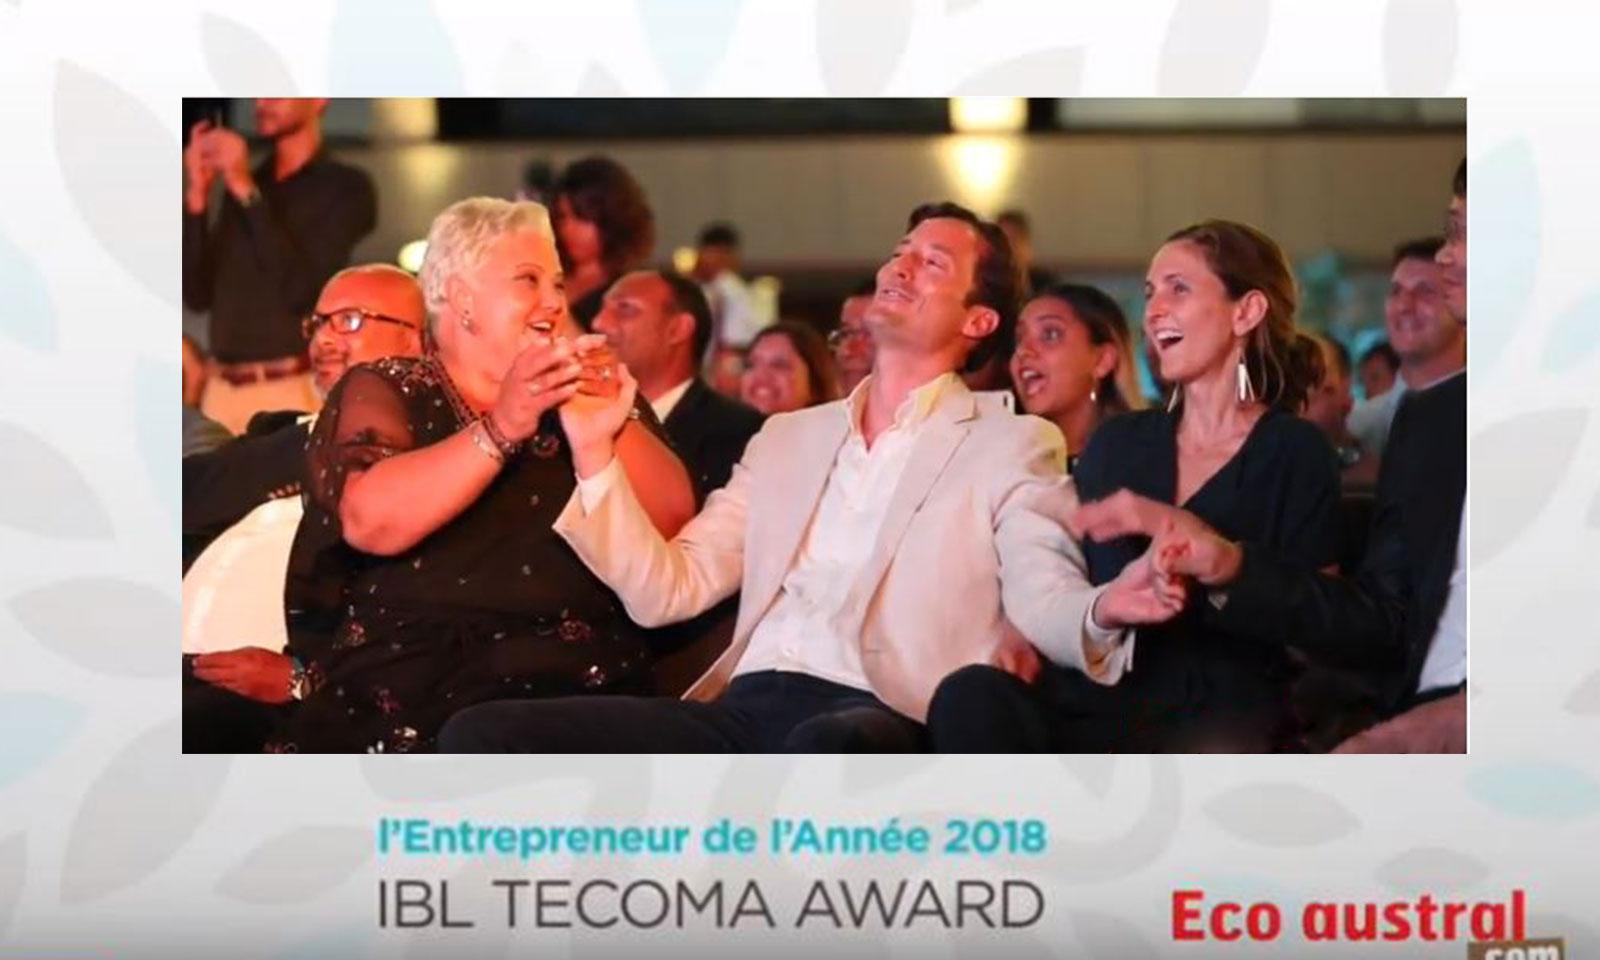 Entrepreneur de l'Année 2018 : Christopher Rainer remporte l'IBL Tecoma Award